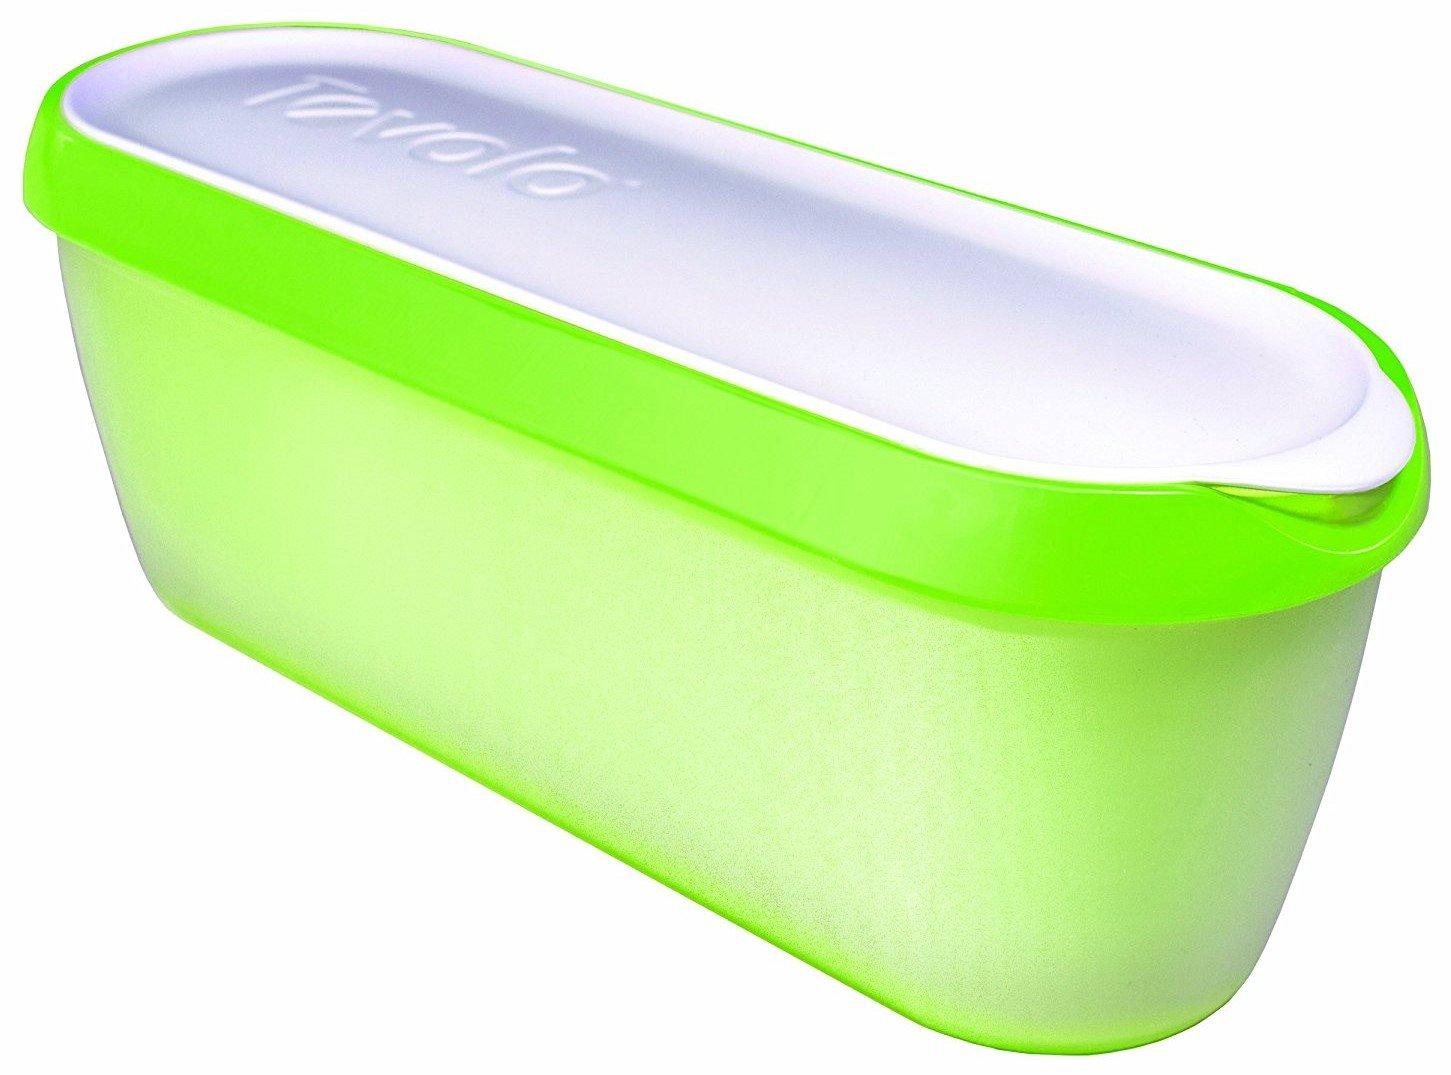 Tovolo Glide-A-Scoop, Non-Slip Base, Insulated Ice Cream Tub, 1.5 Quart, Pistachio